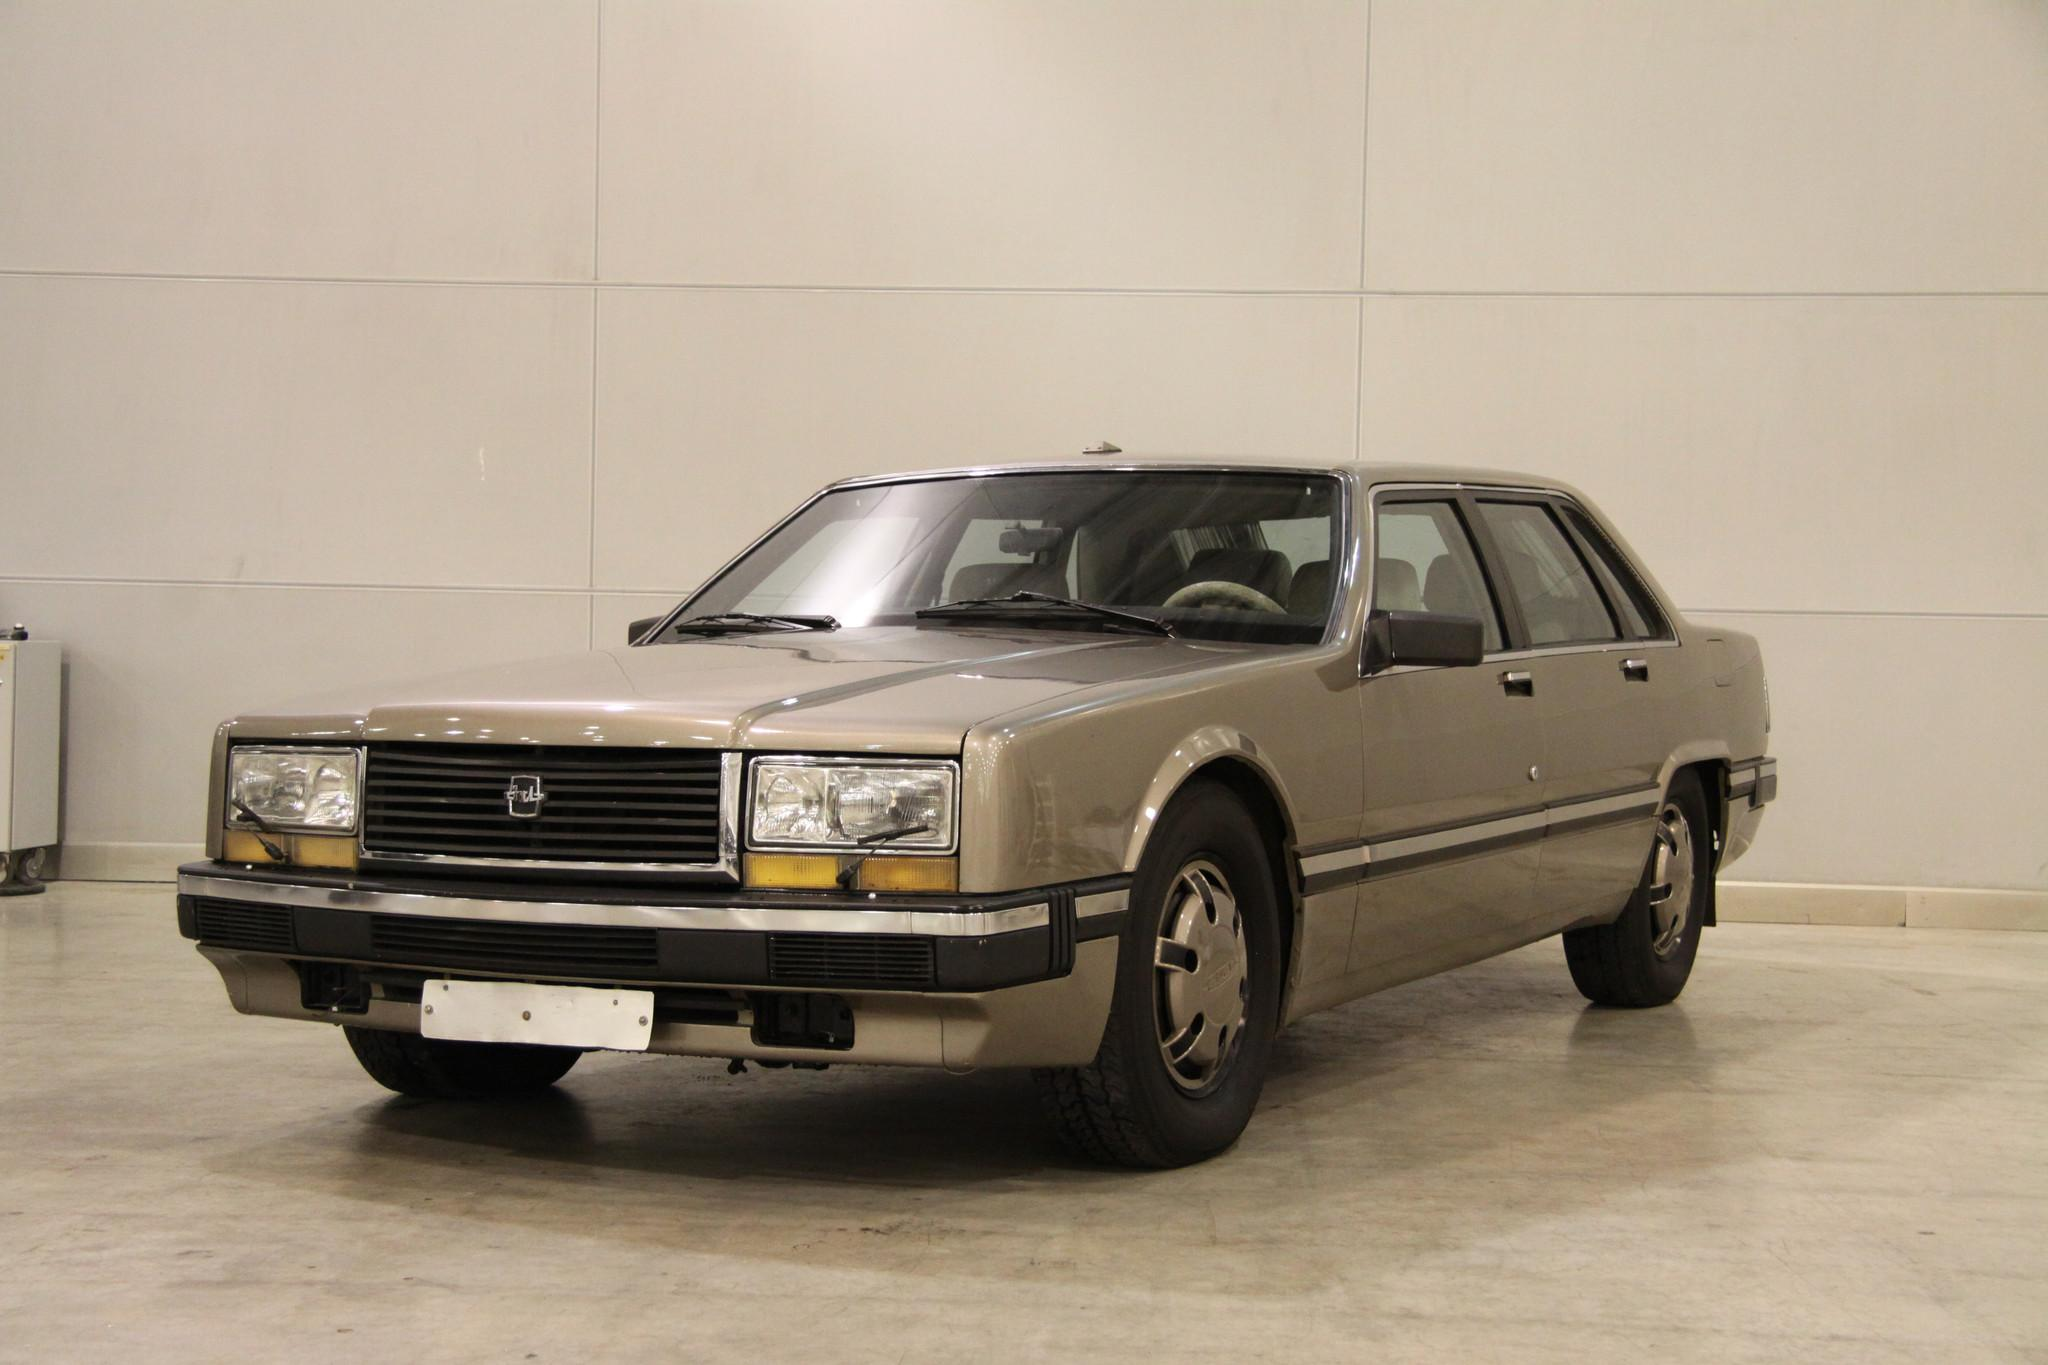 В 1988 году шестой цех ЗИЛа изготовил два опытных образца автомобиля ЗИЛ-4102. Седан показали делега